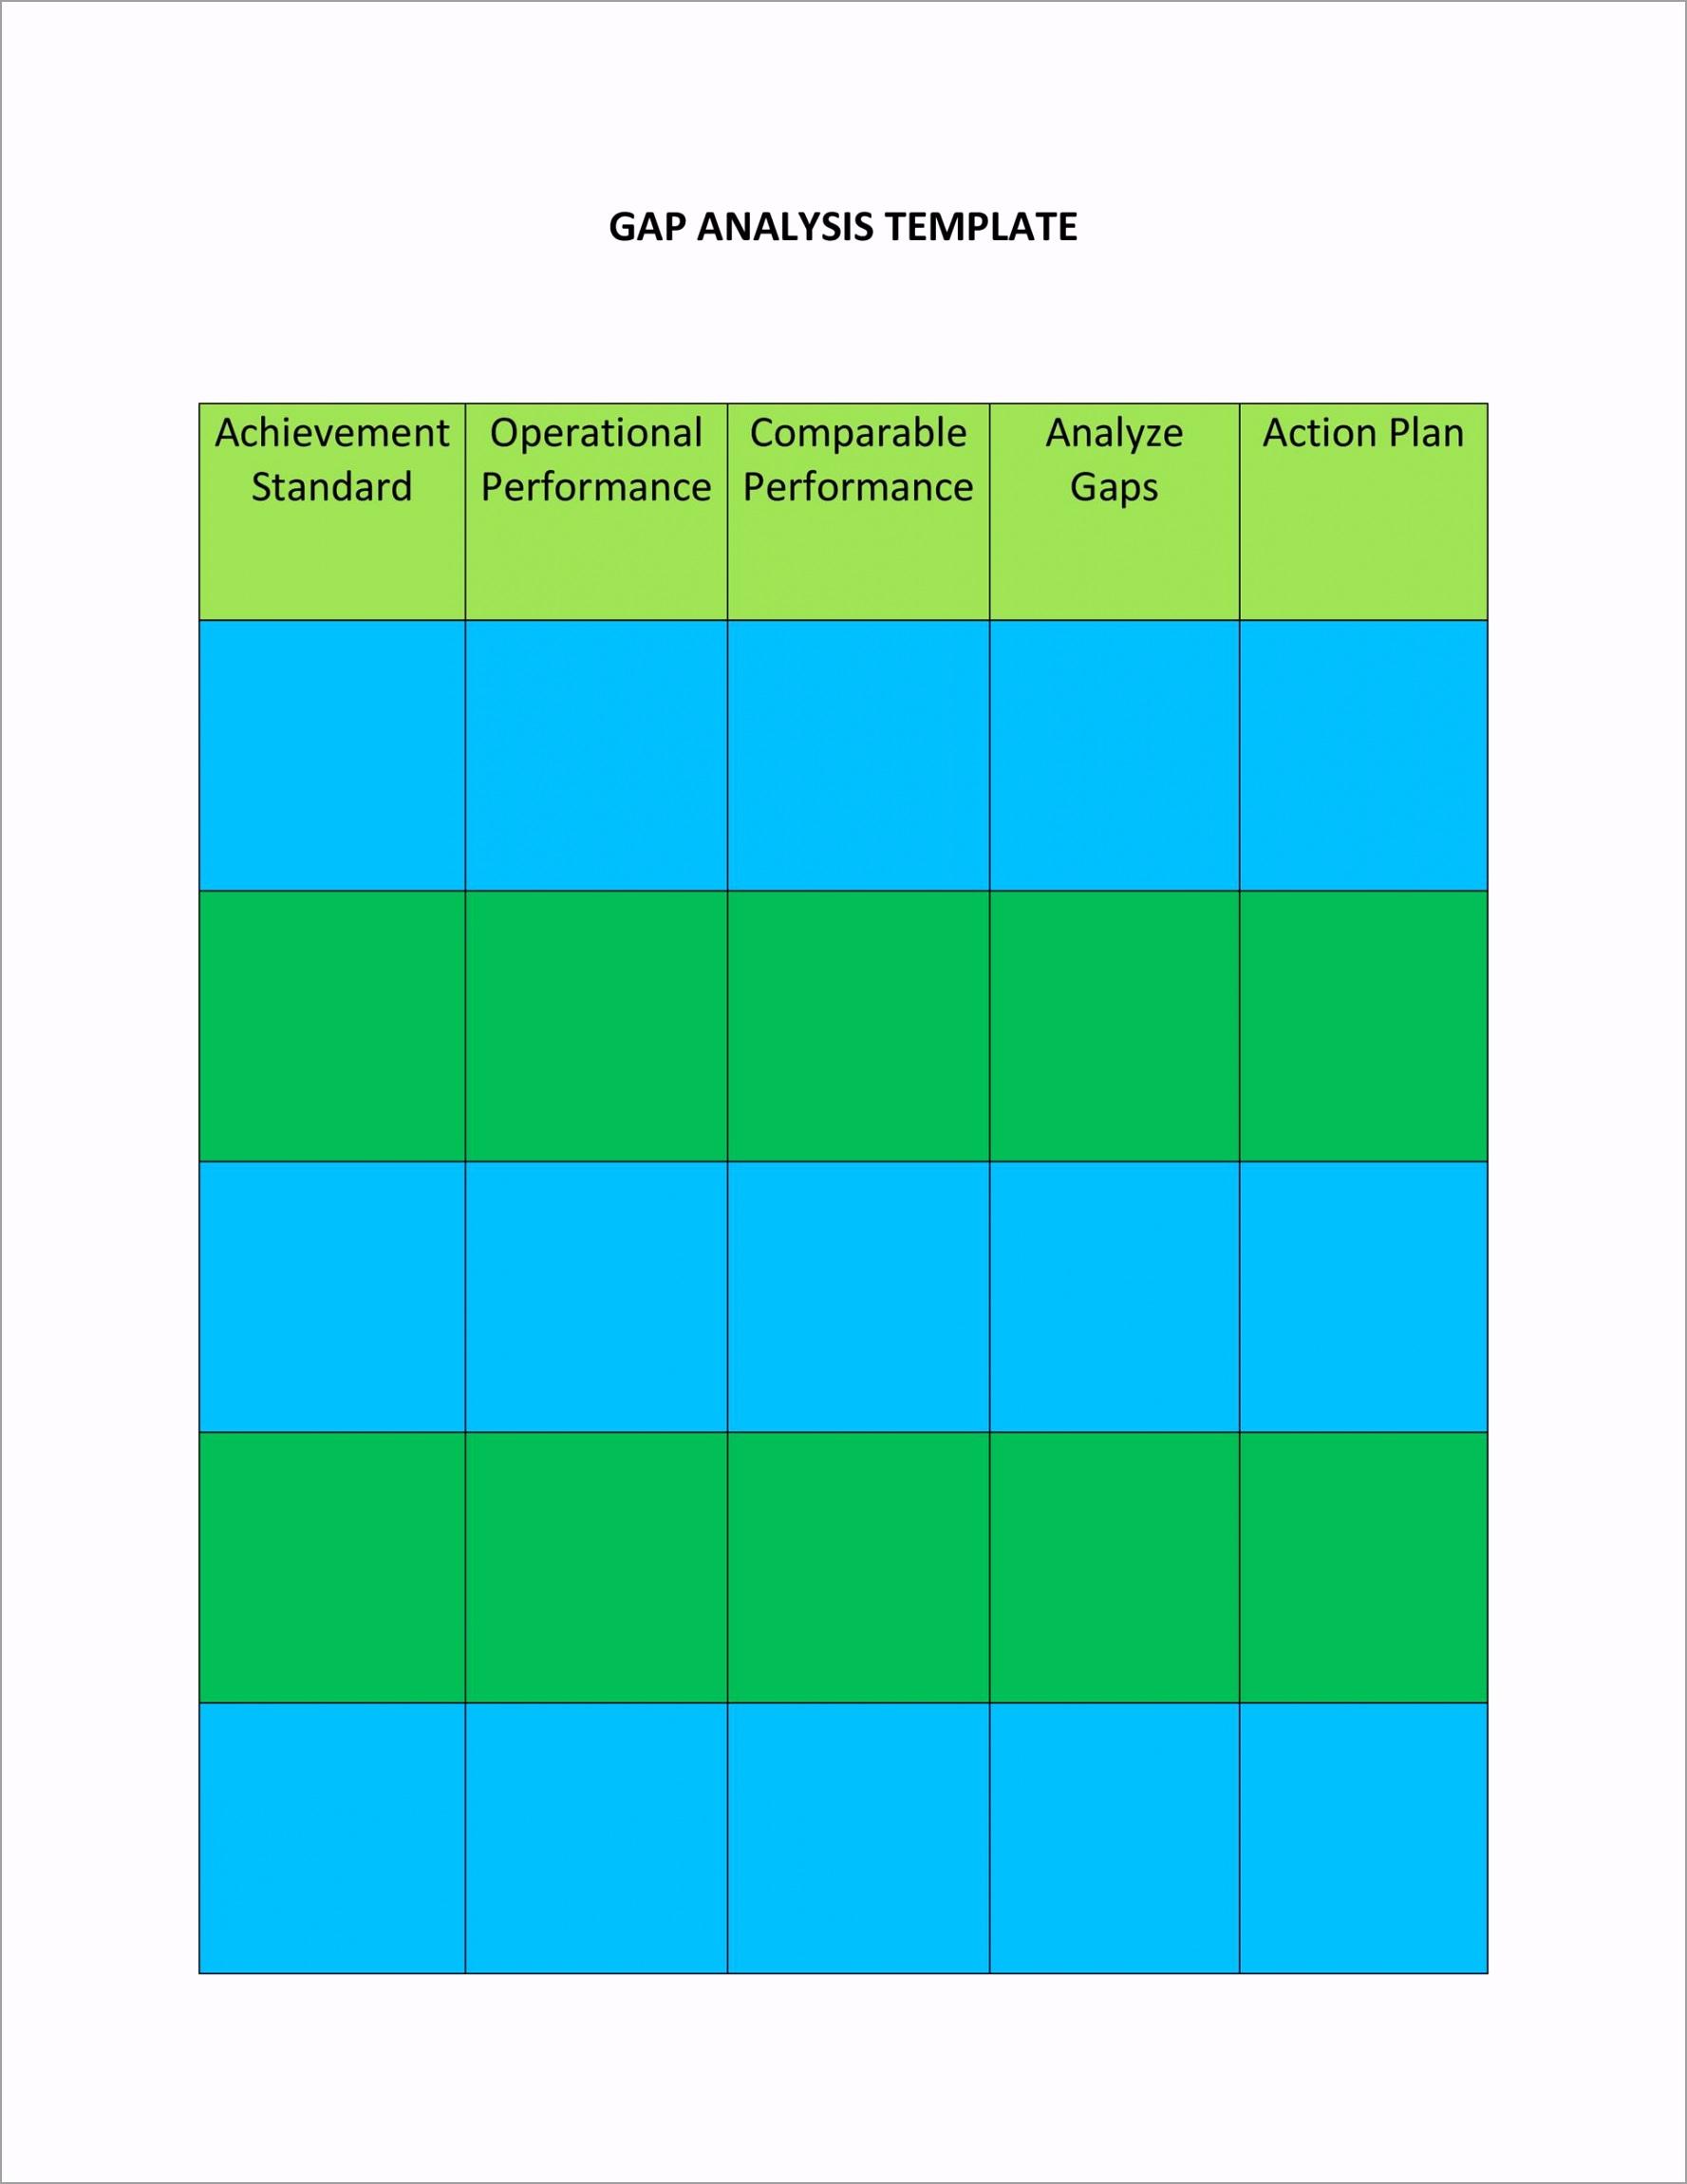 Gap Analysis Template 12 upitu